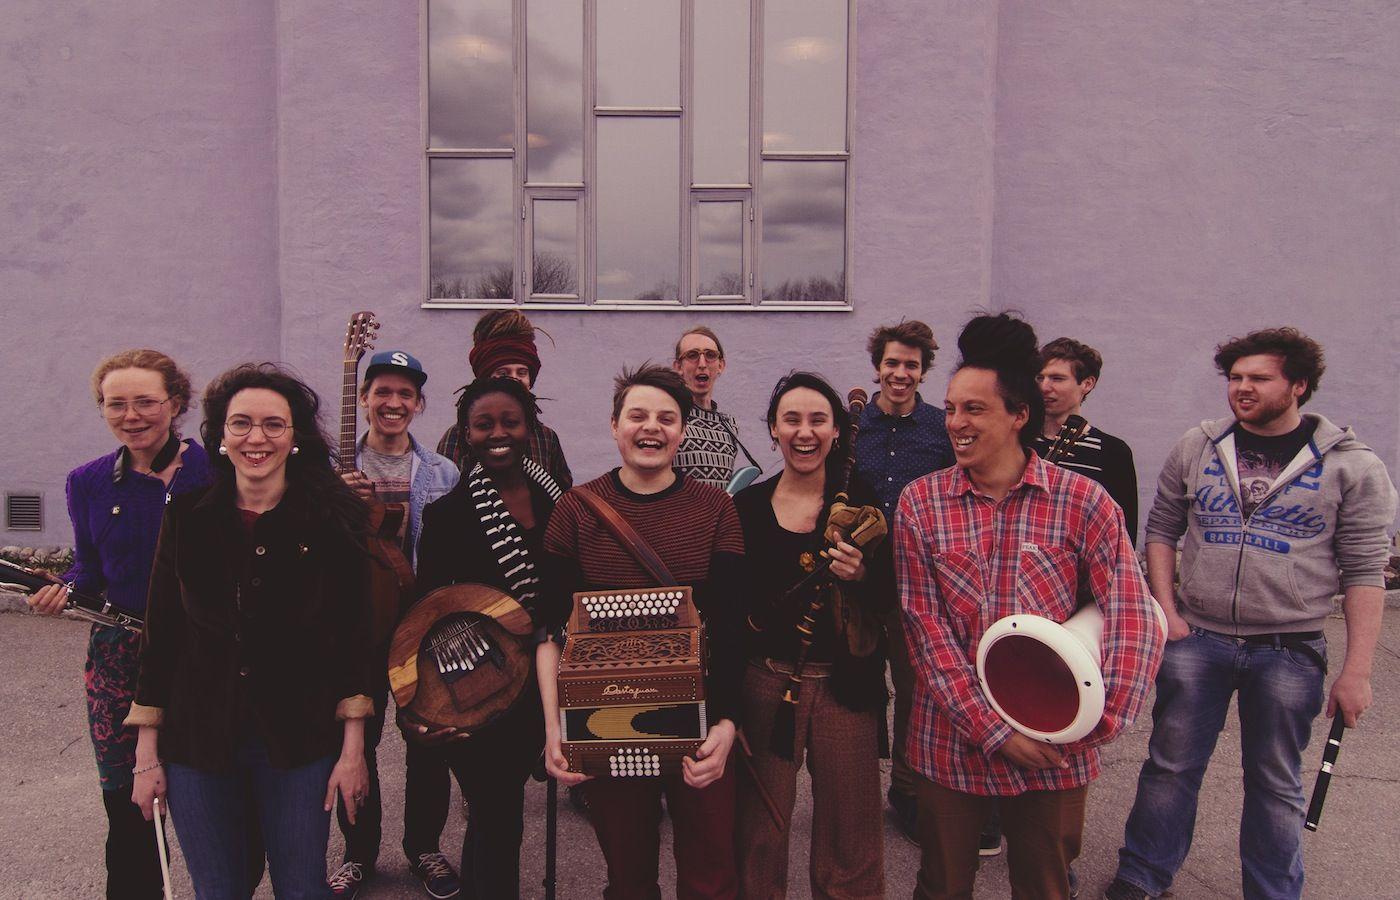 Musicport Festival welcomes Varldens